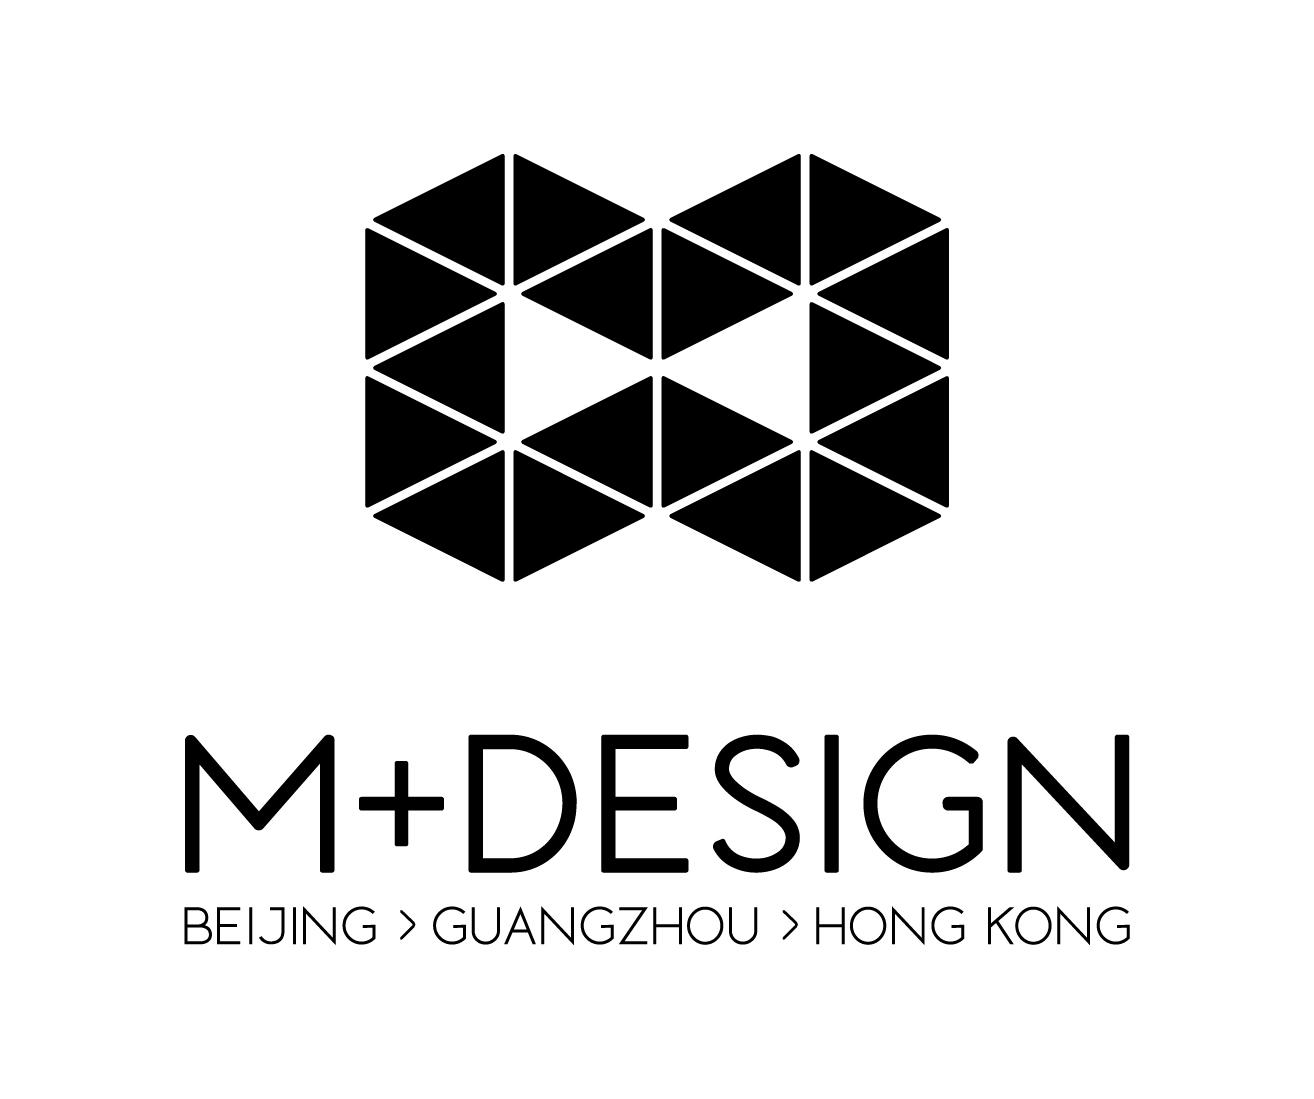 MPLUS DESIGN